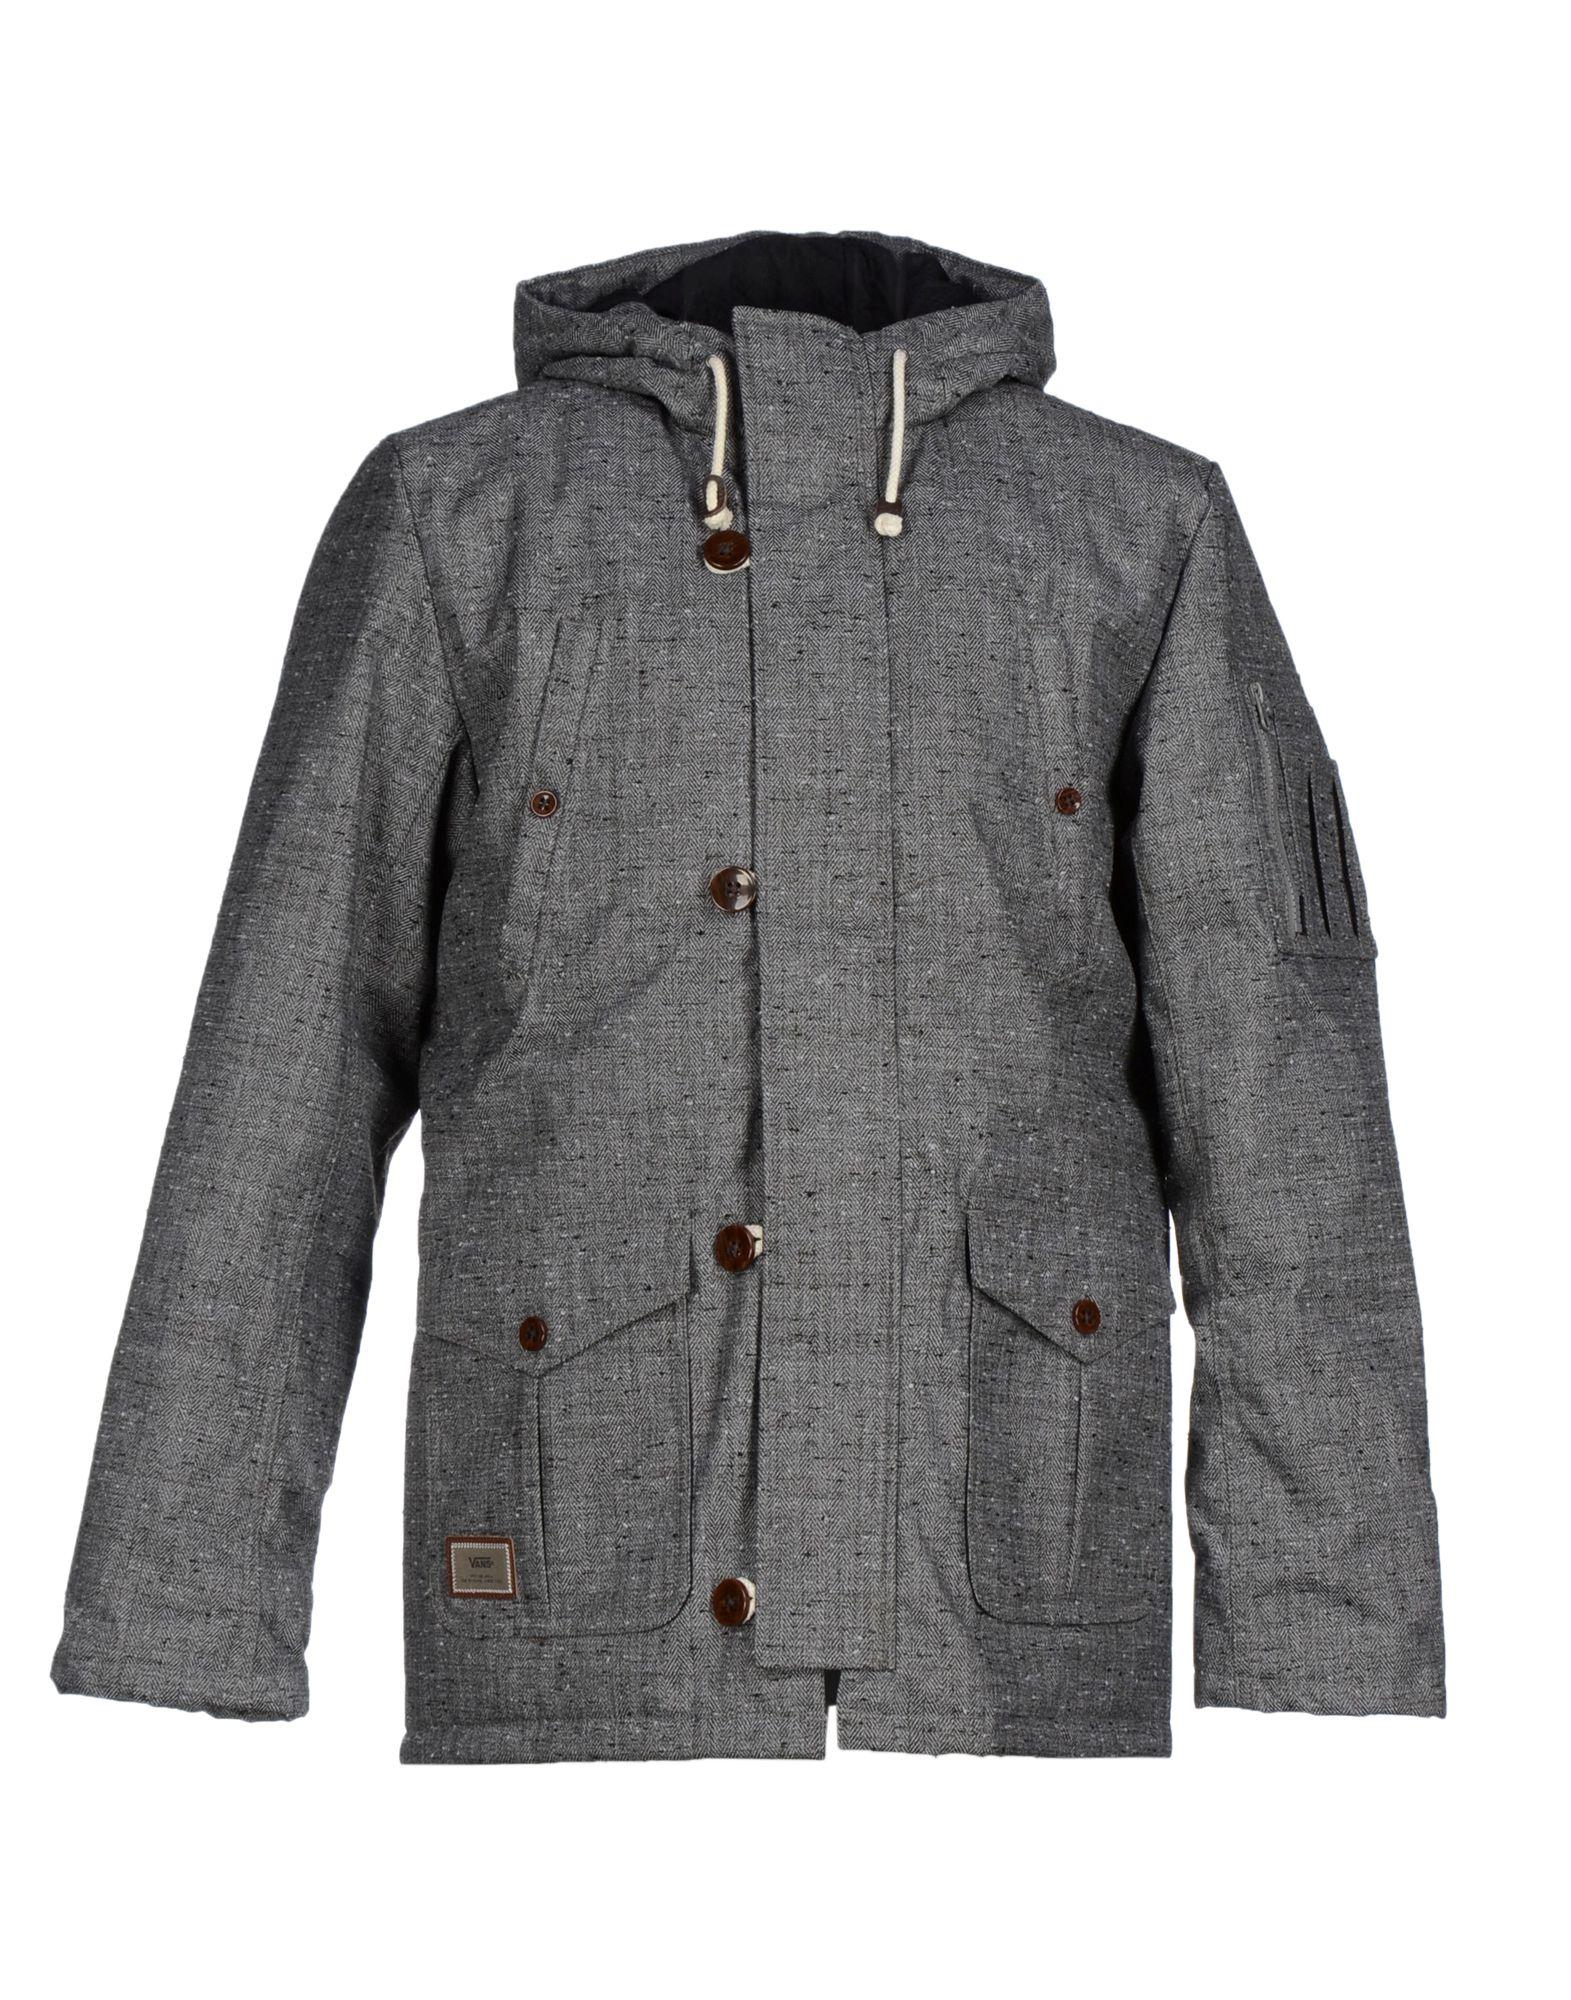 Vans Jacket In Gray For Men | Lyst